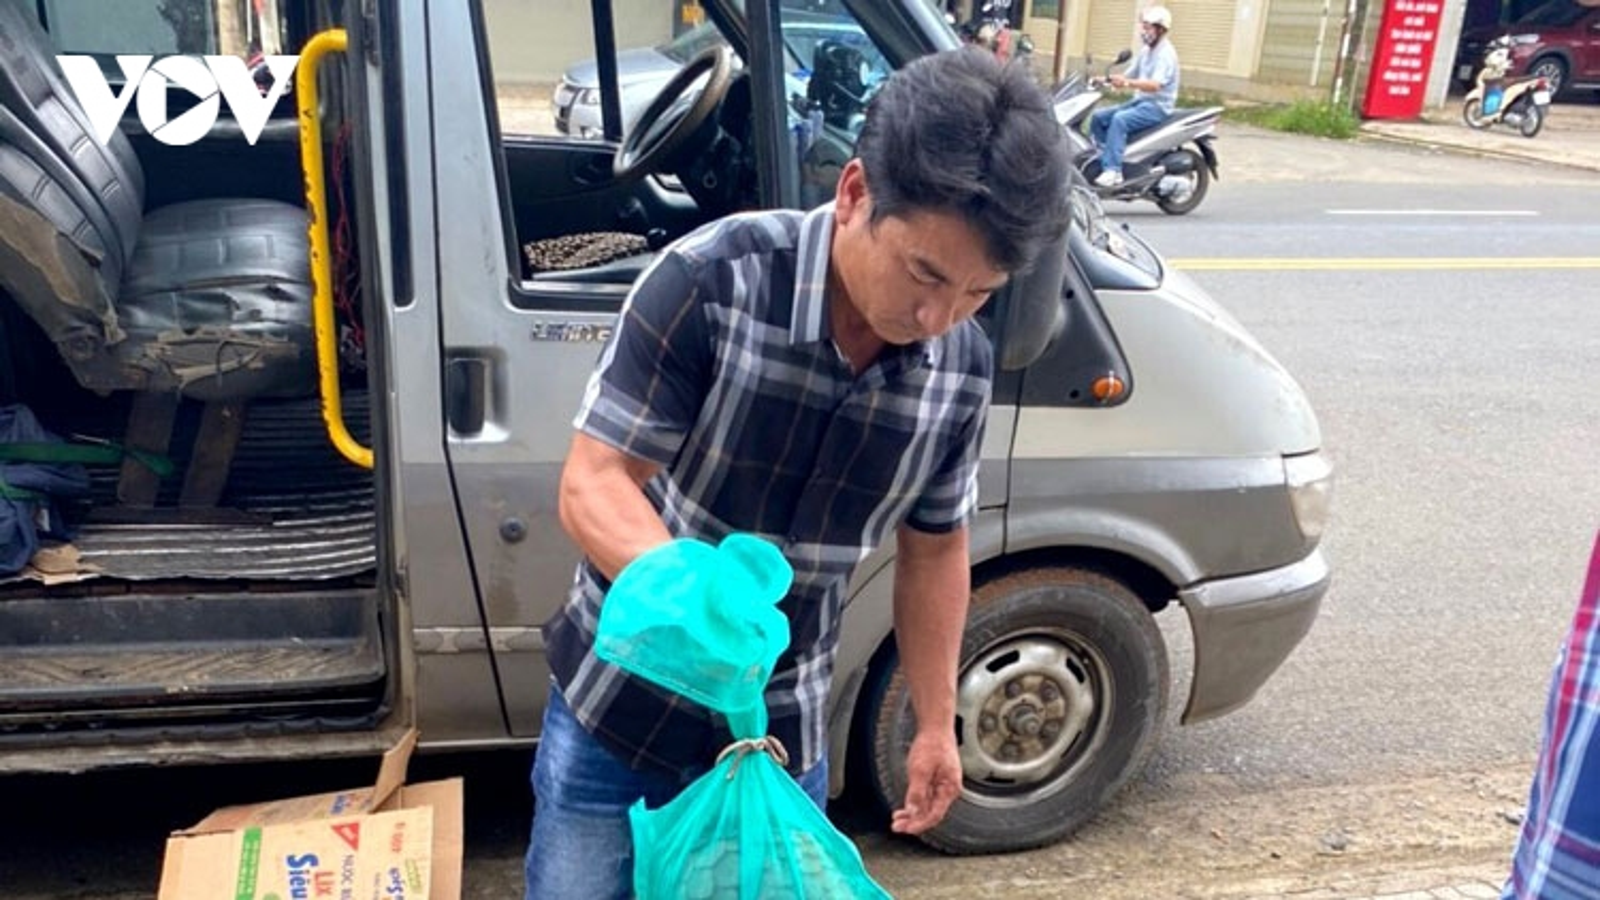 Lâm Đồng bắt xe khách chở động vật hoang dã quý hiếm